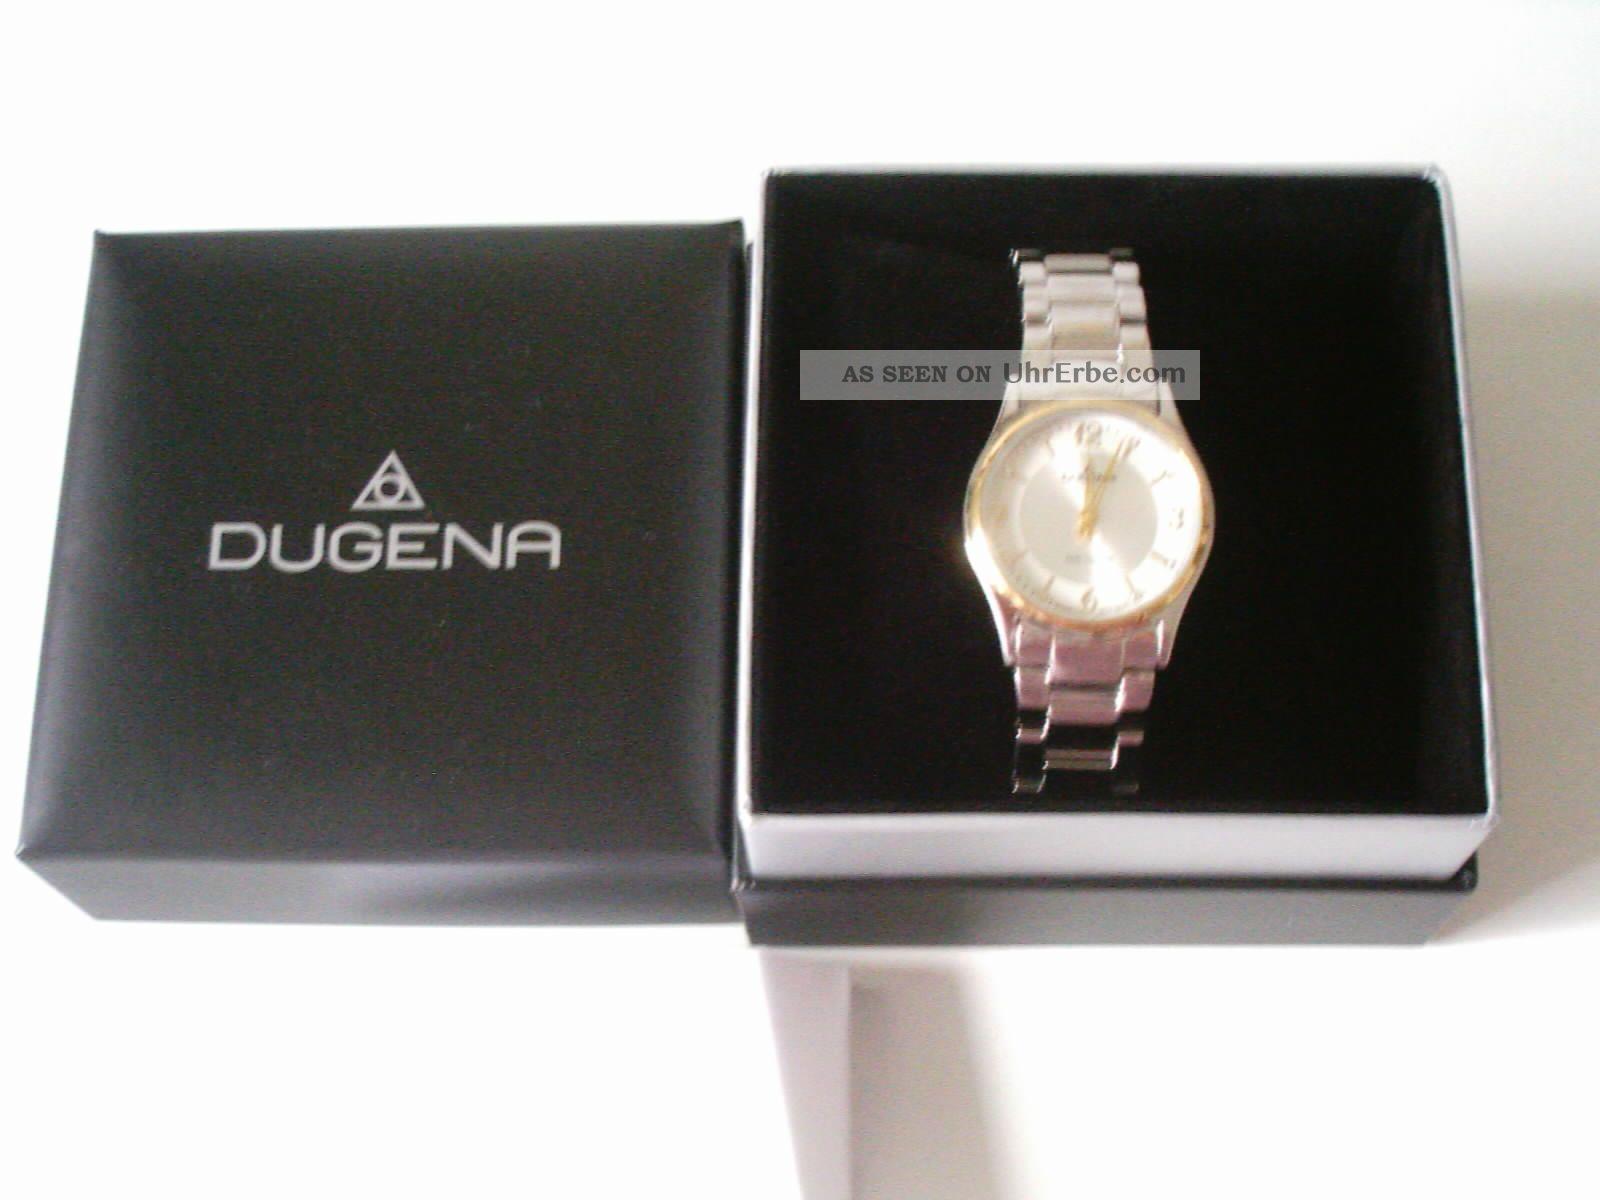 Dugena Damen Armbanduhr Funkuhr 4460553 Edelstahl Armbanduhren Bild